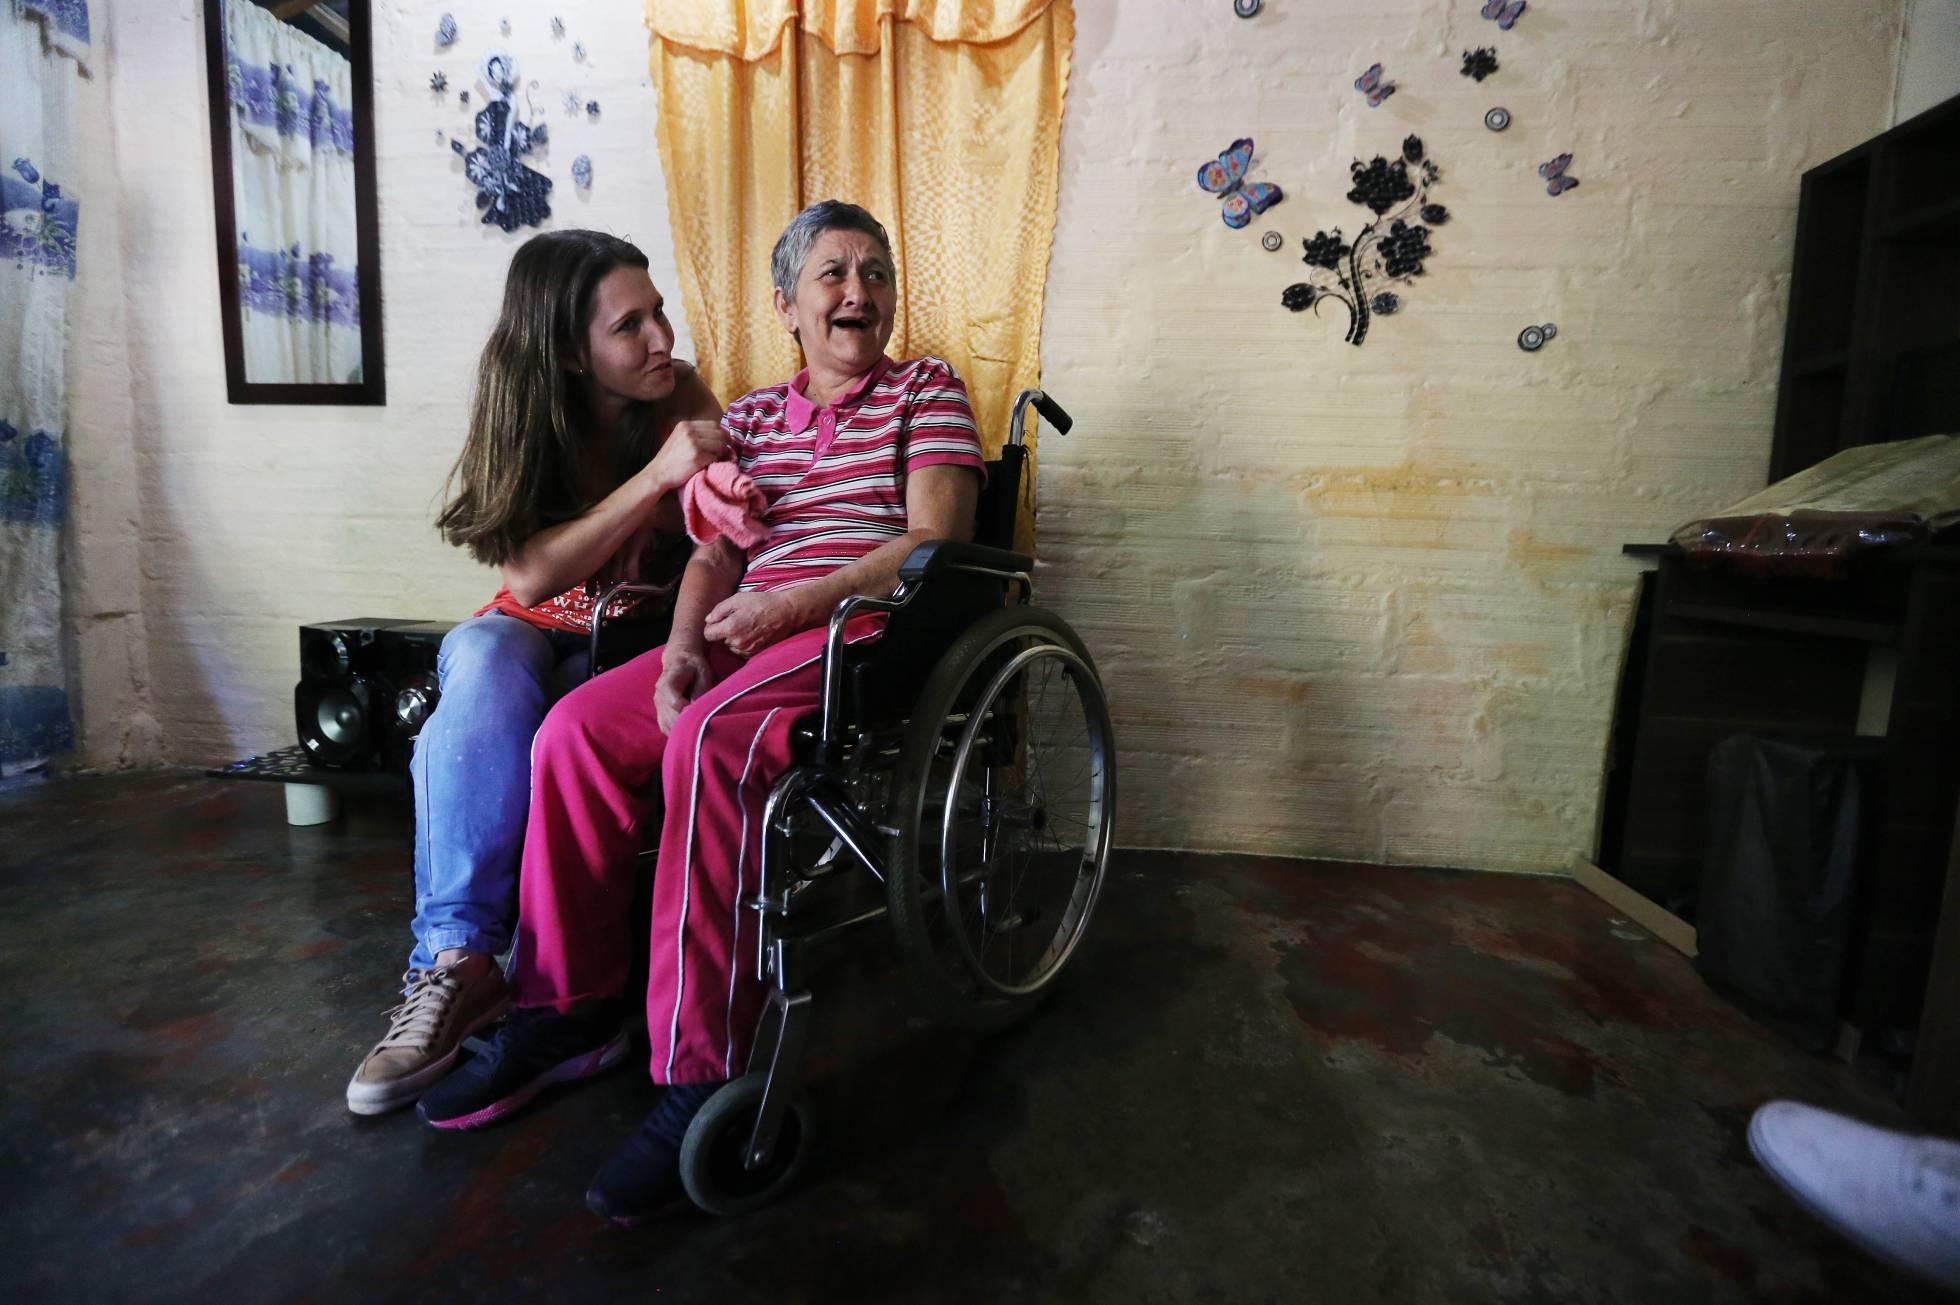 1572855611 669409 1572874413 noticia normal recorte1 - La mujer resistente al alzhéimer